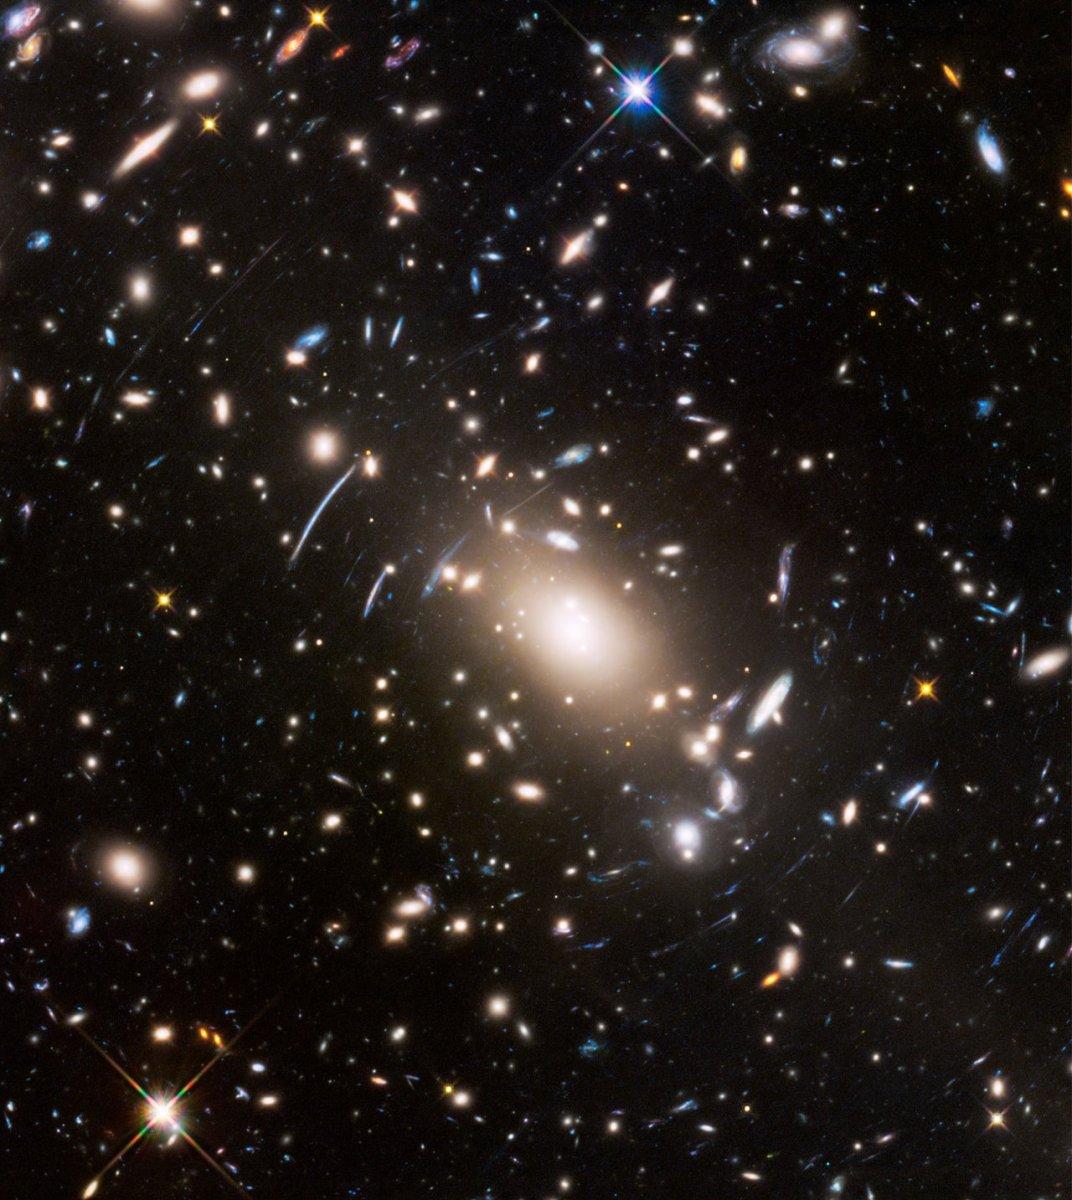 Hubble capturou o aglomerado de galáxias Abell S1063 atuando como lente gravitacional